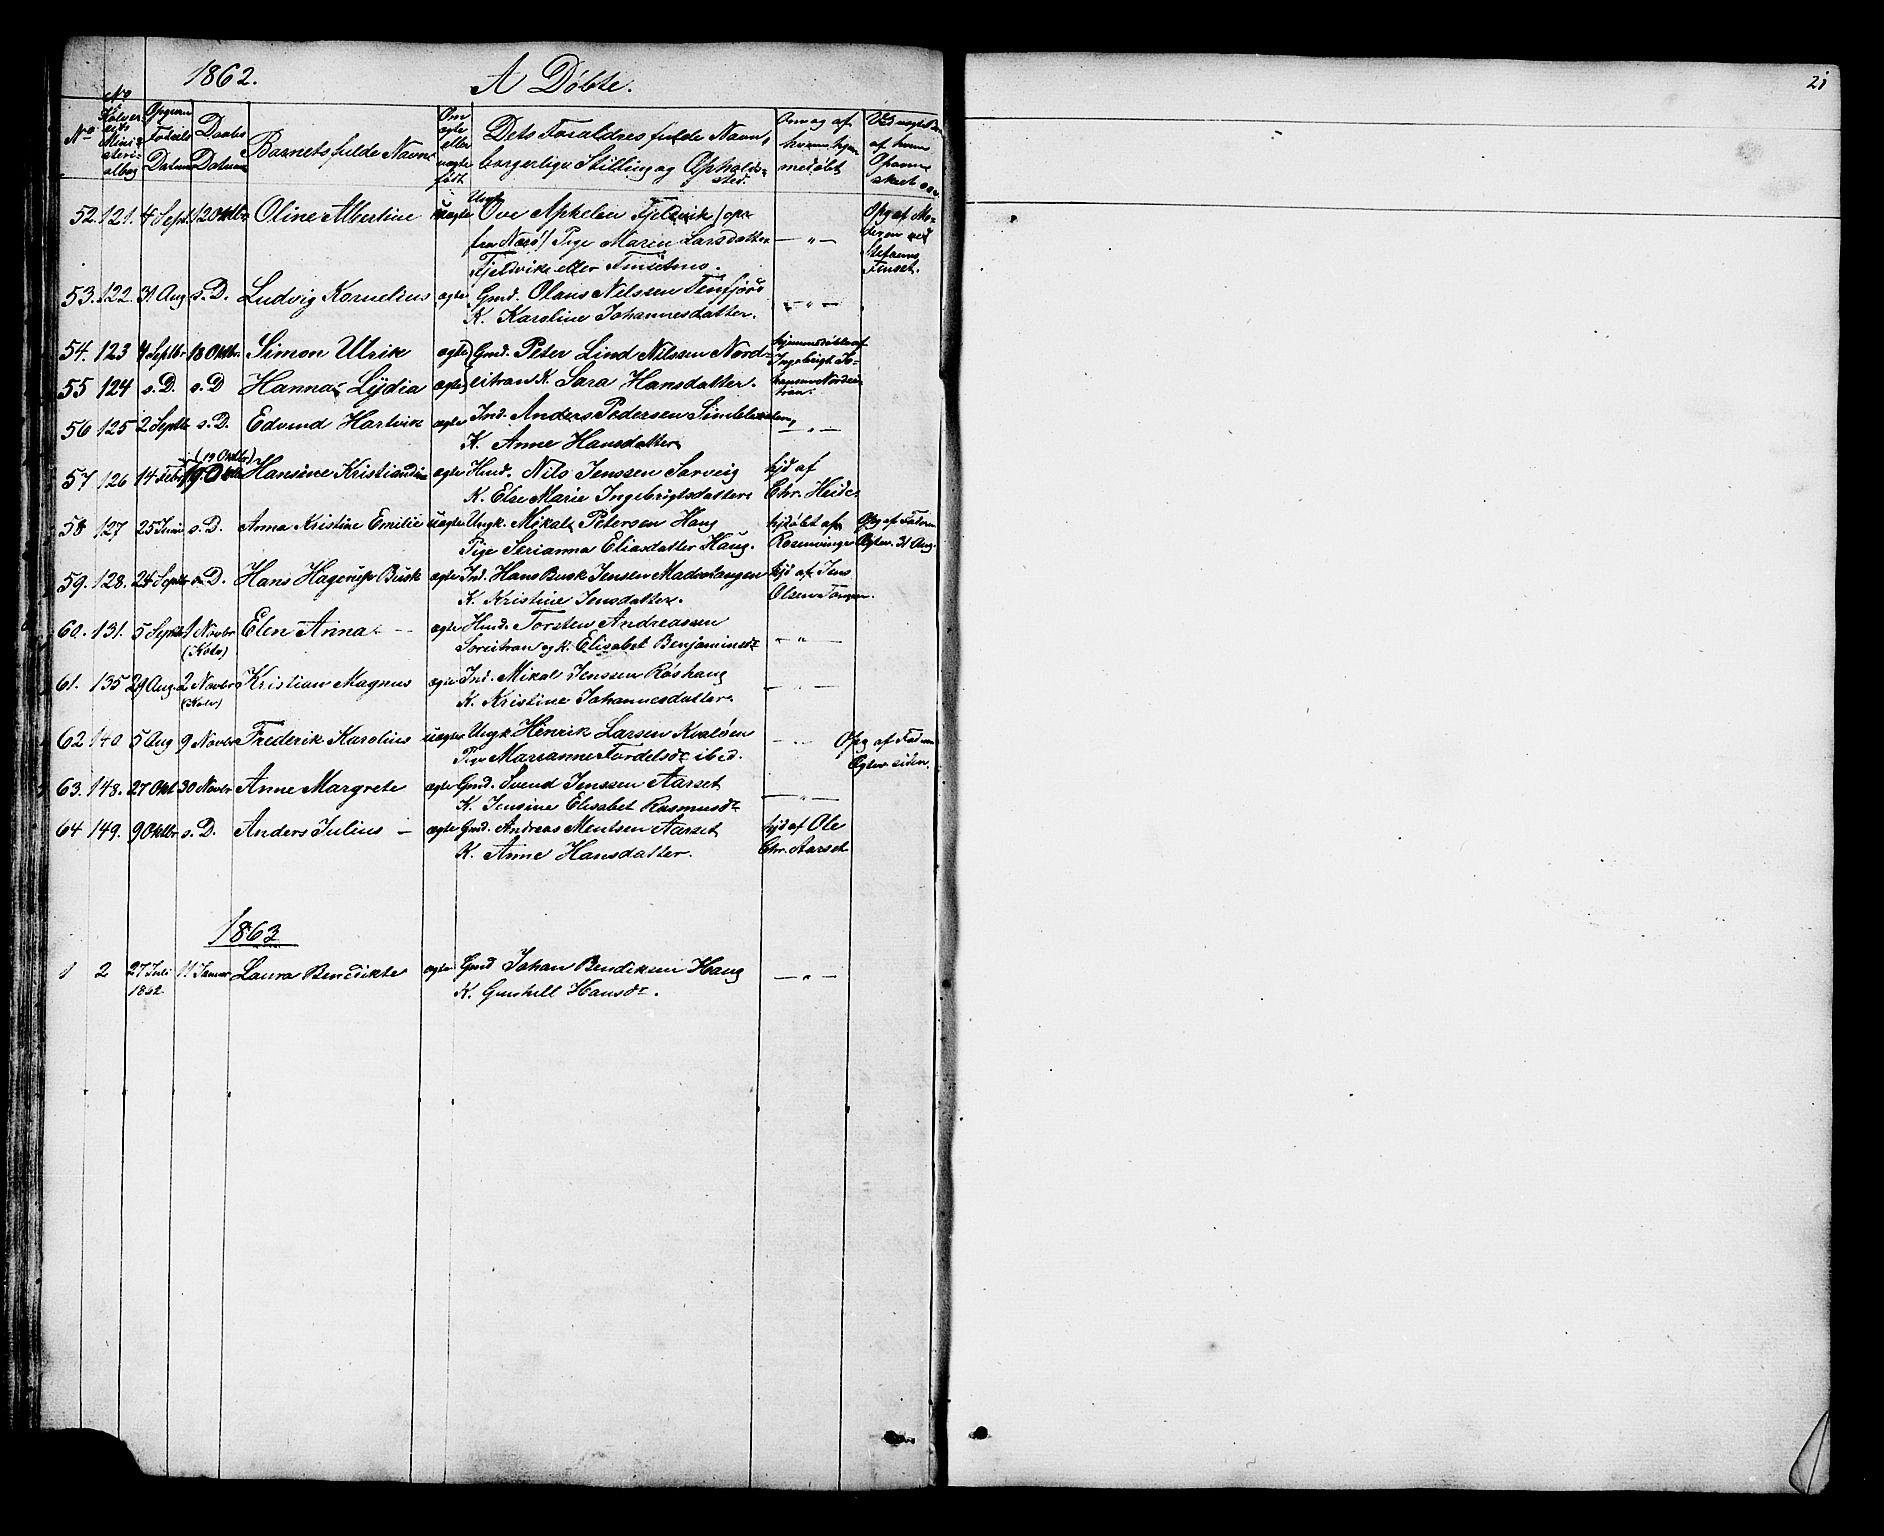 SAT, Ministerialprotokoller, klokkerbøker og fødselsregistre - Nord-Trøndelag, 788/L0695: Ministerialbok nr. 788A02, 1843-1862, s. 21